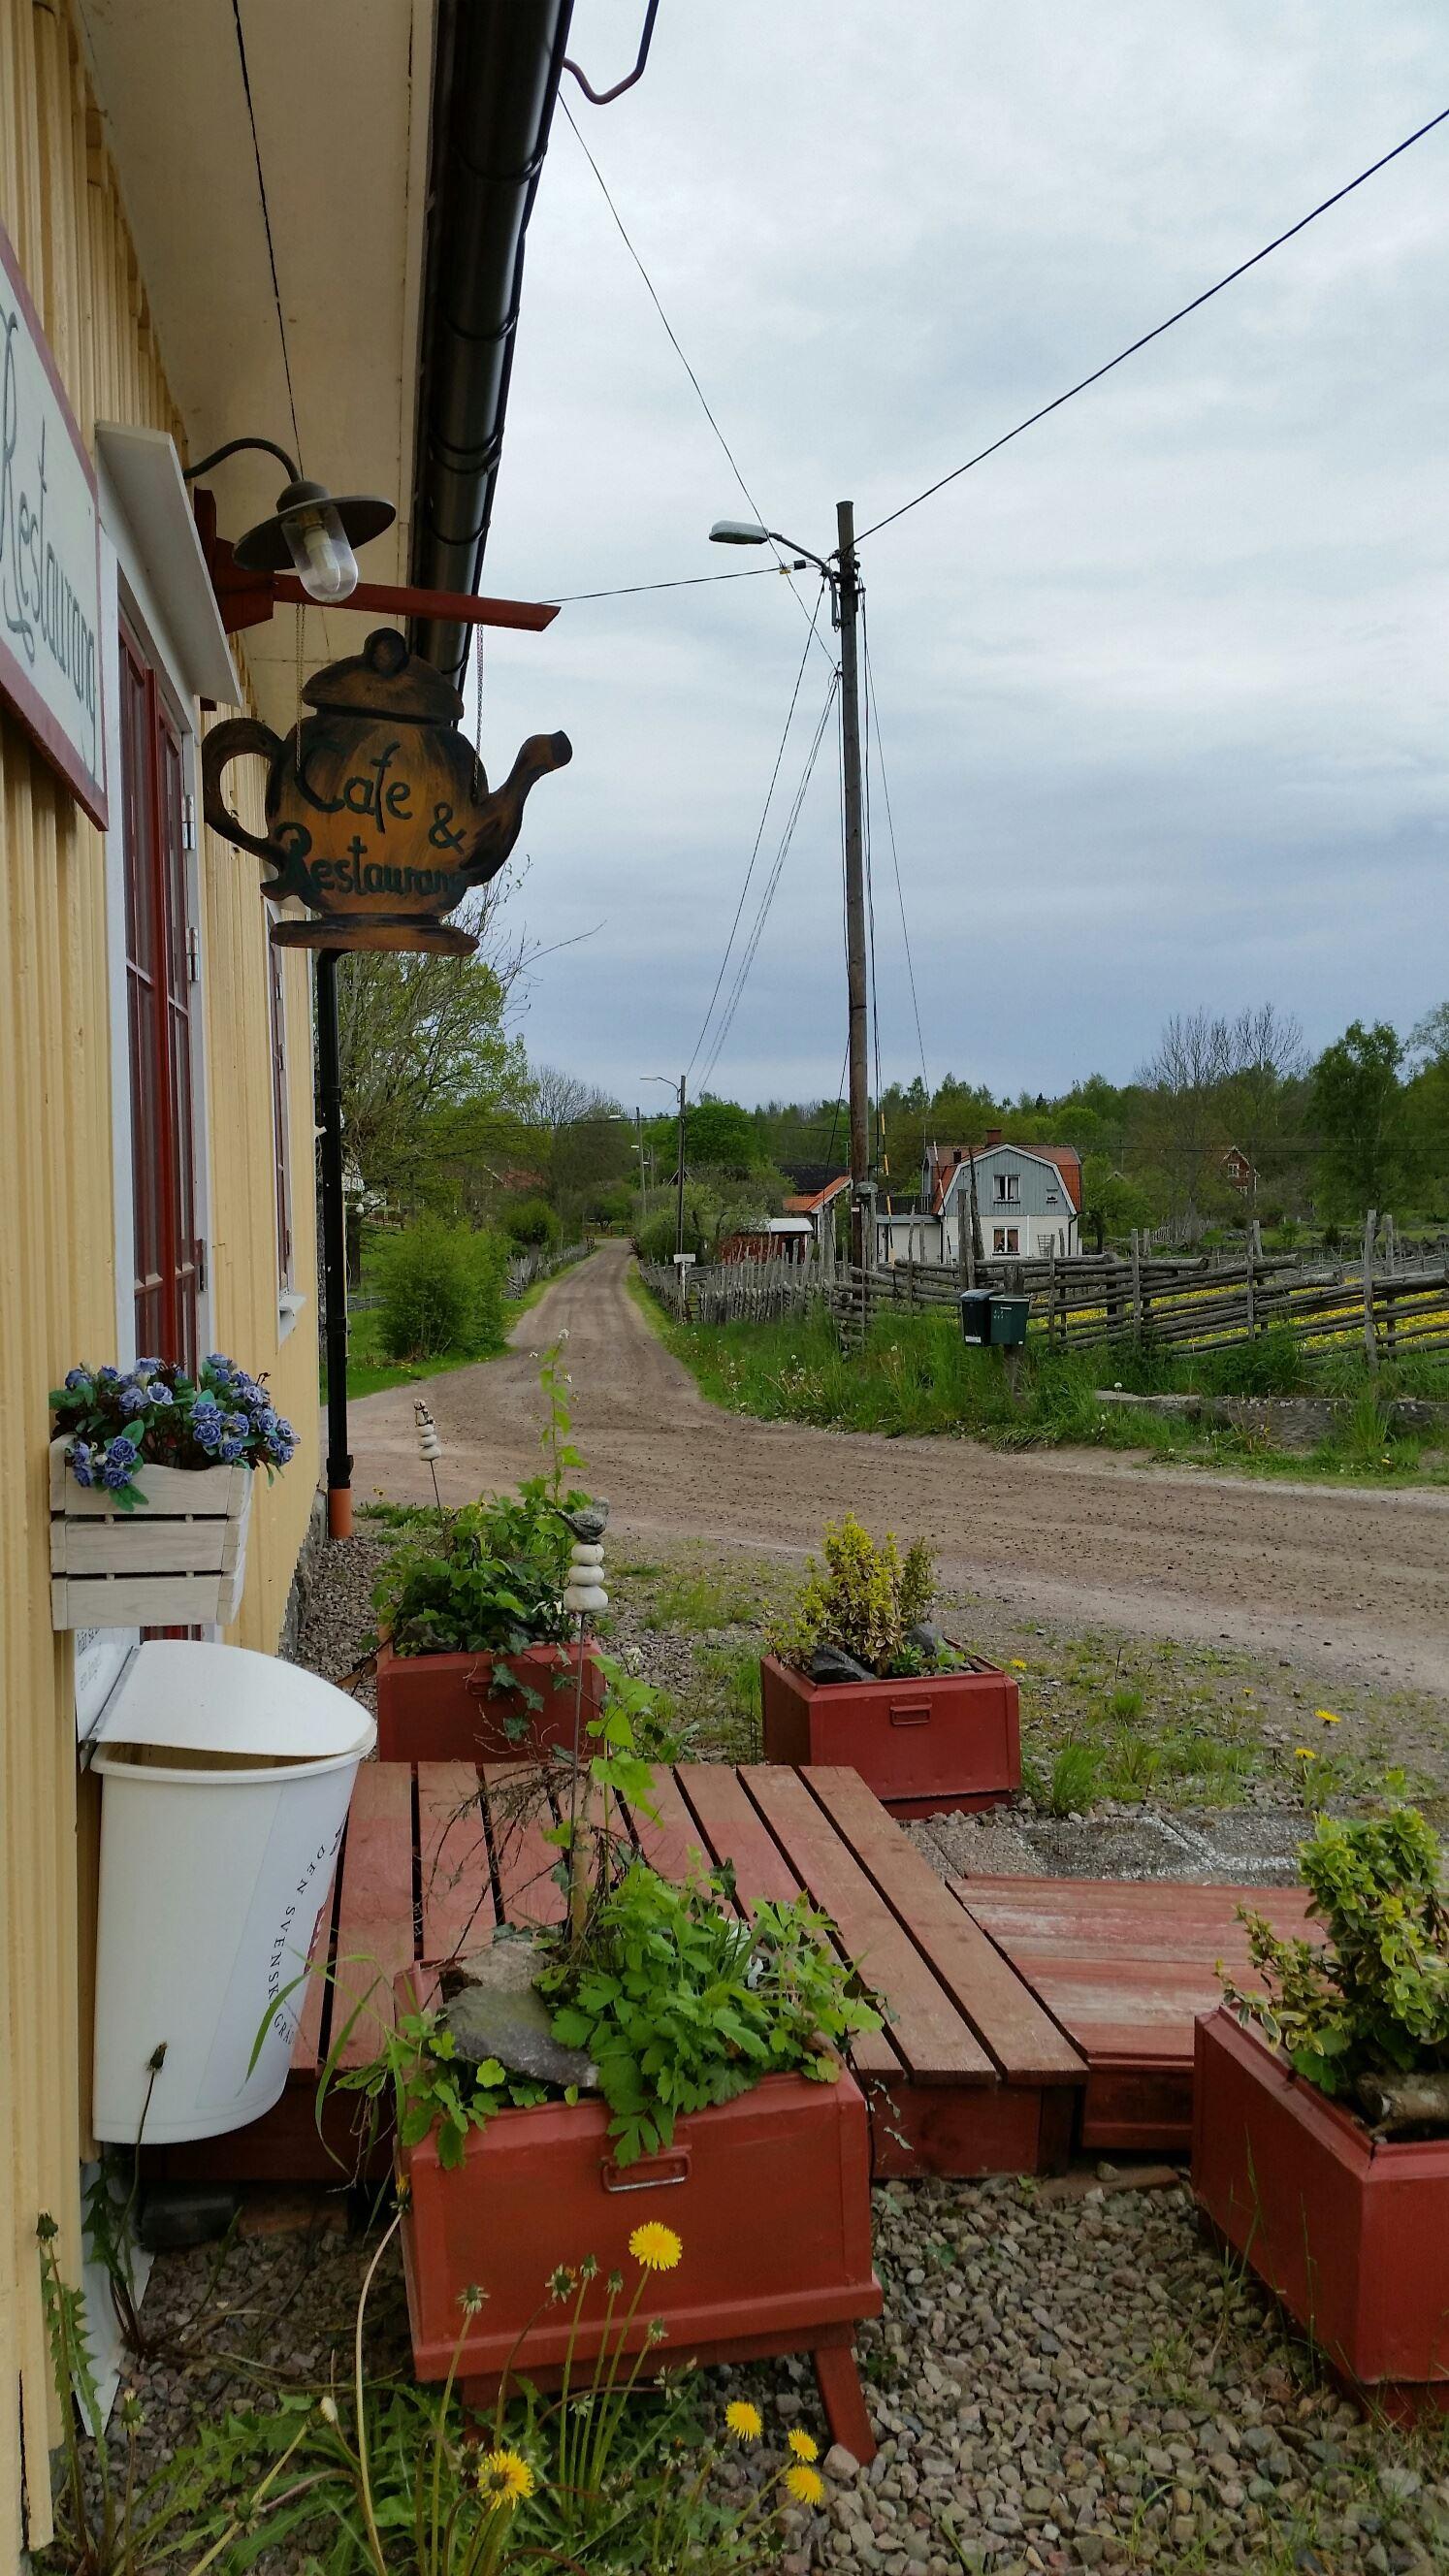 Astrids Café and Restaurant